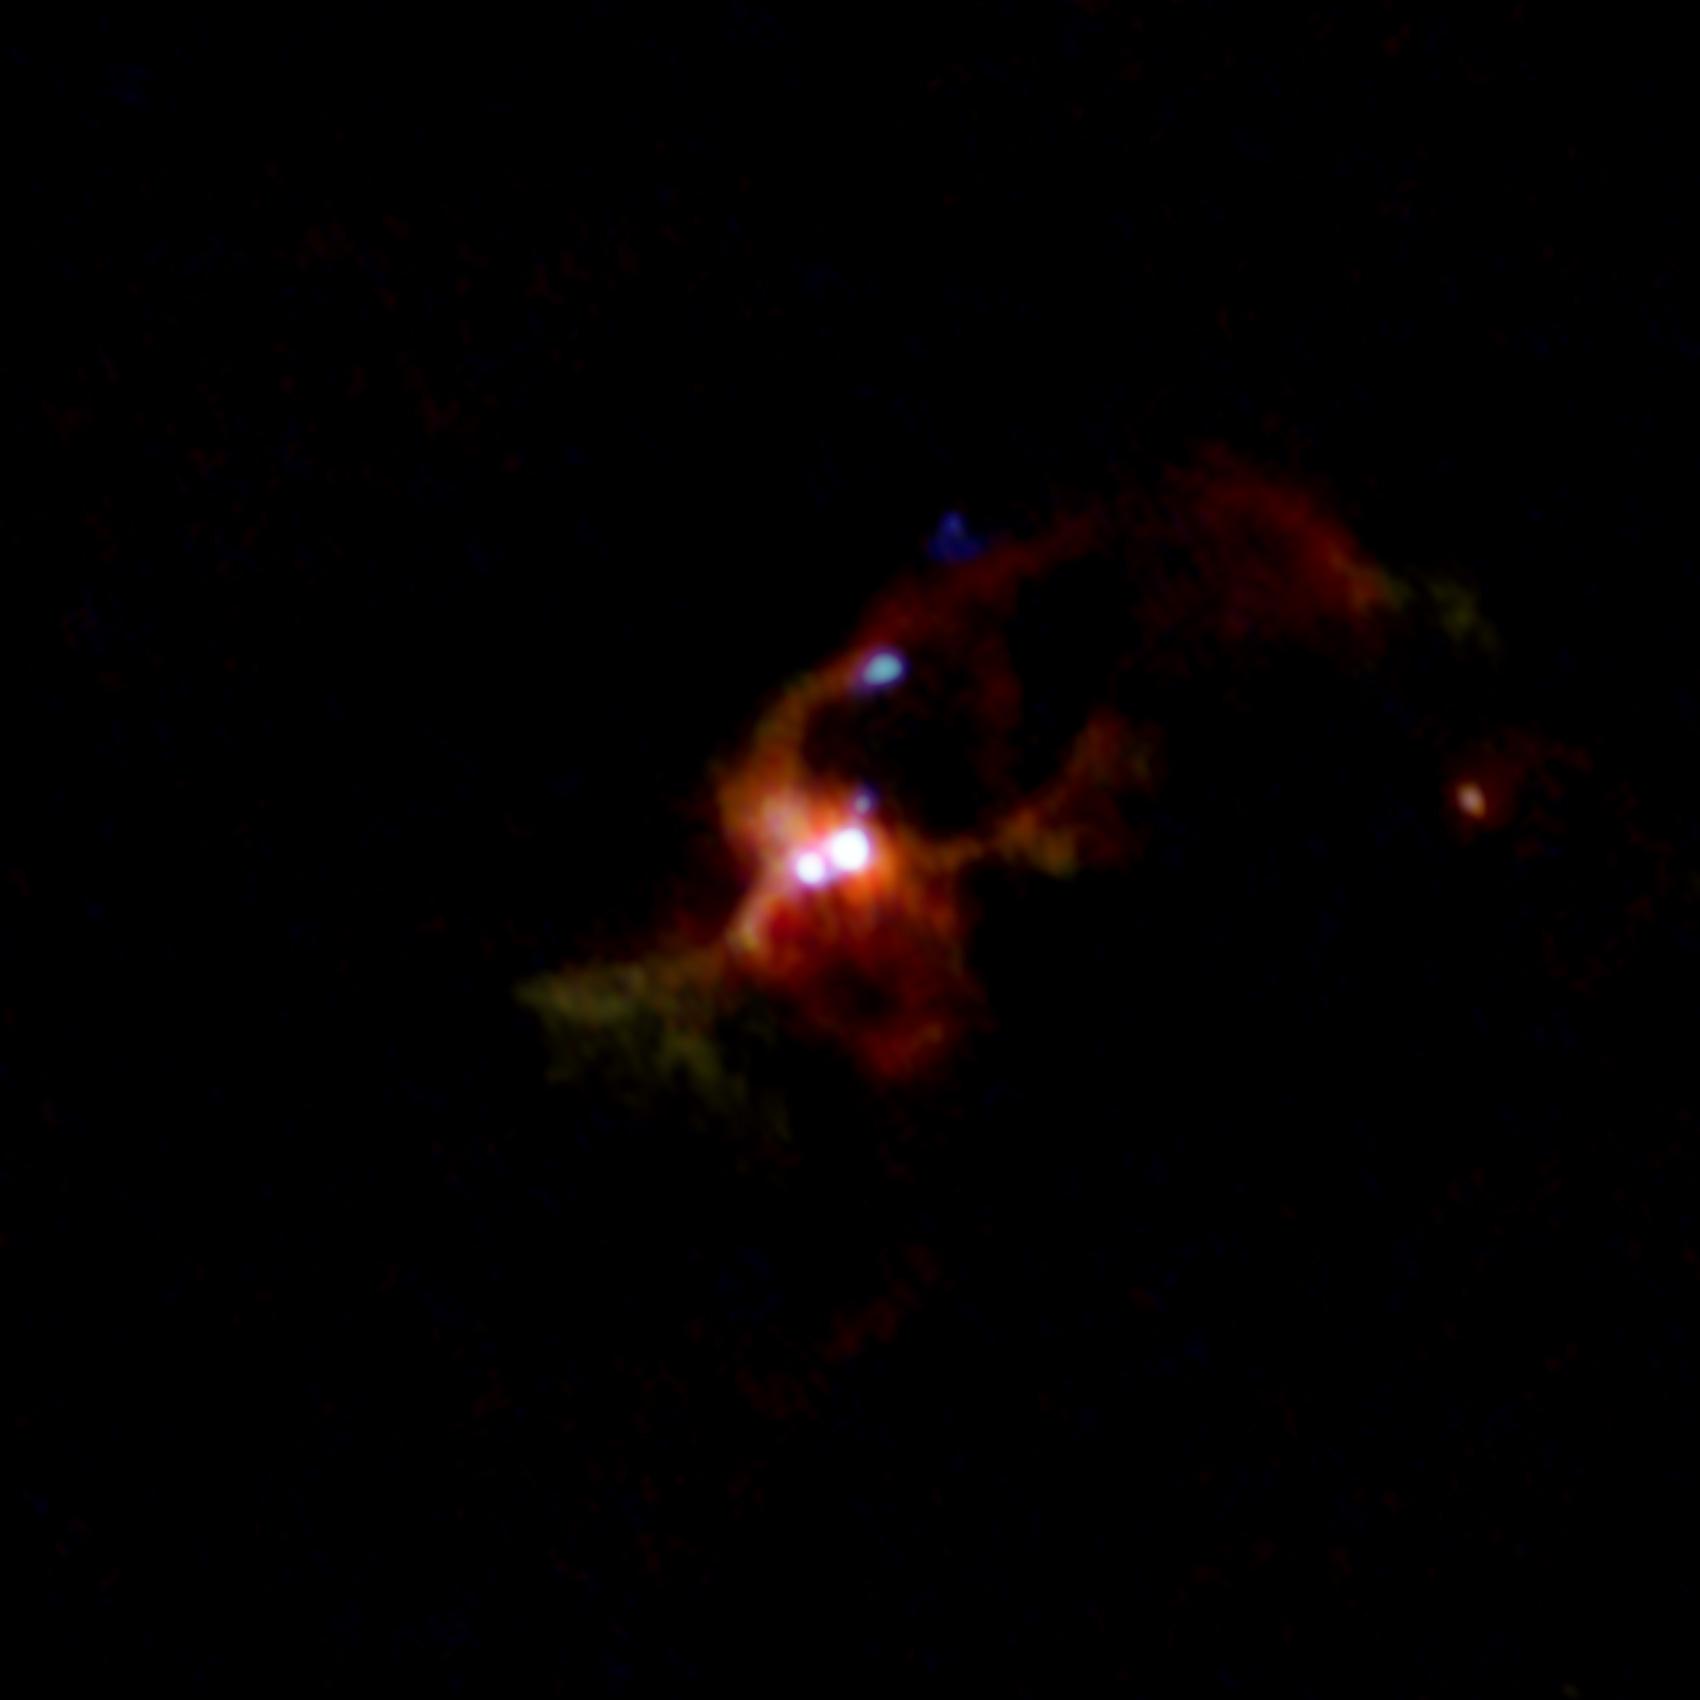 Imagen compuesta de la protoestrella binaria masiva IRAS 16547-4247